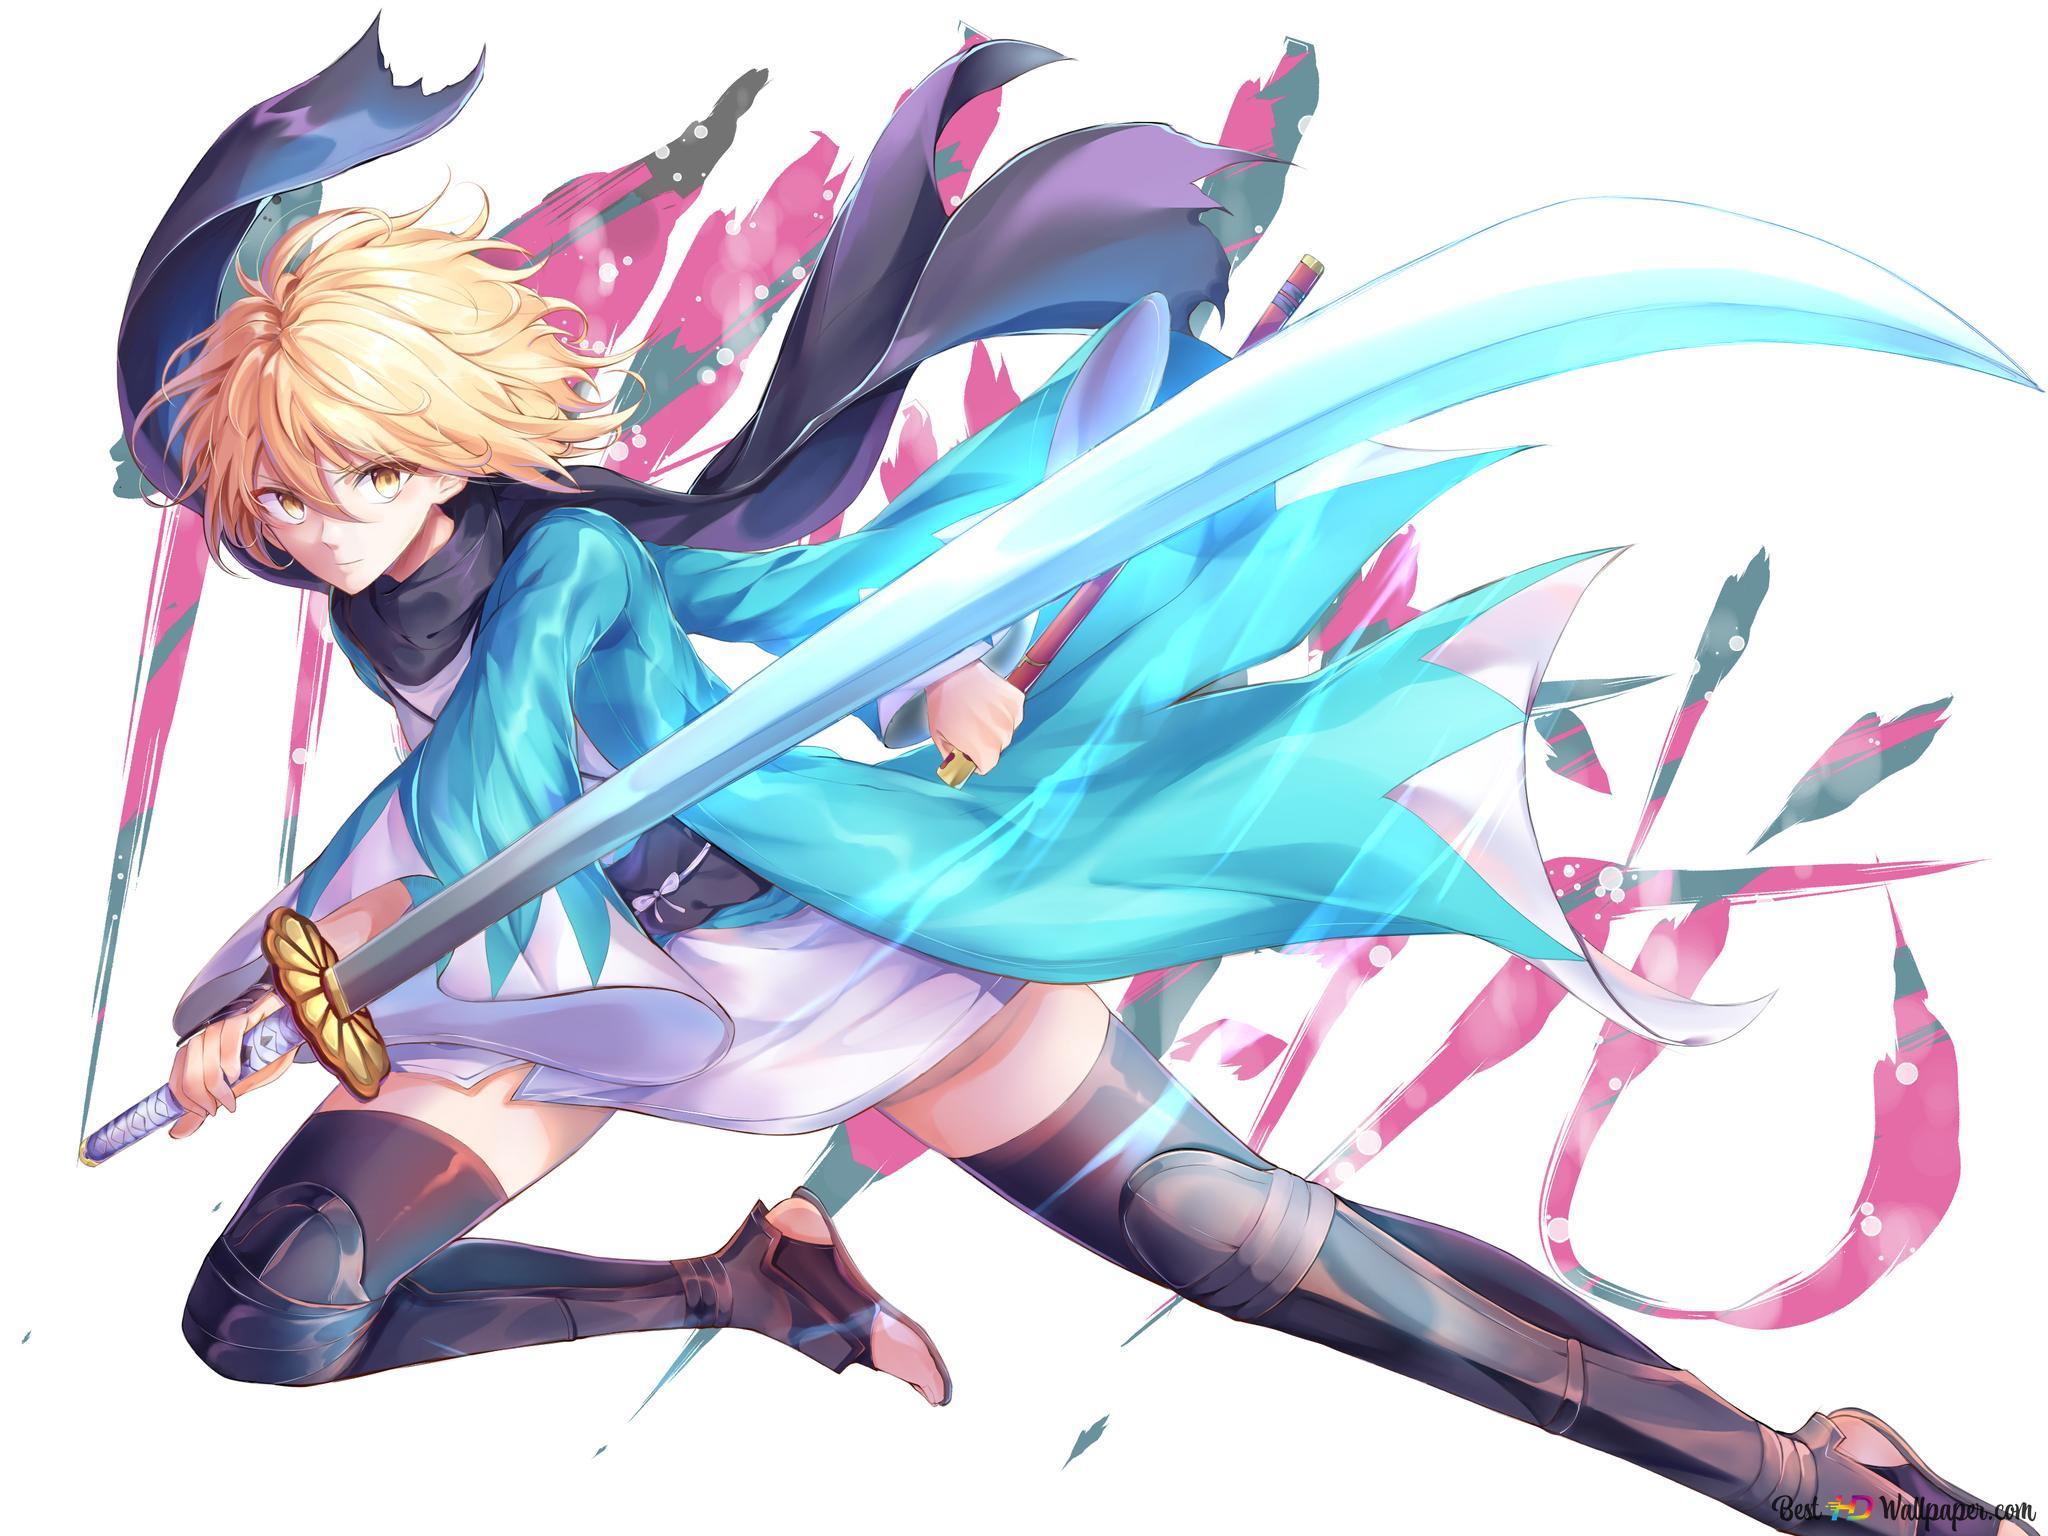 Fate Grand Order Okita Souji Hd Wallpaper Download